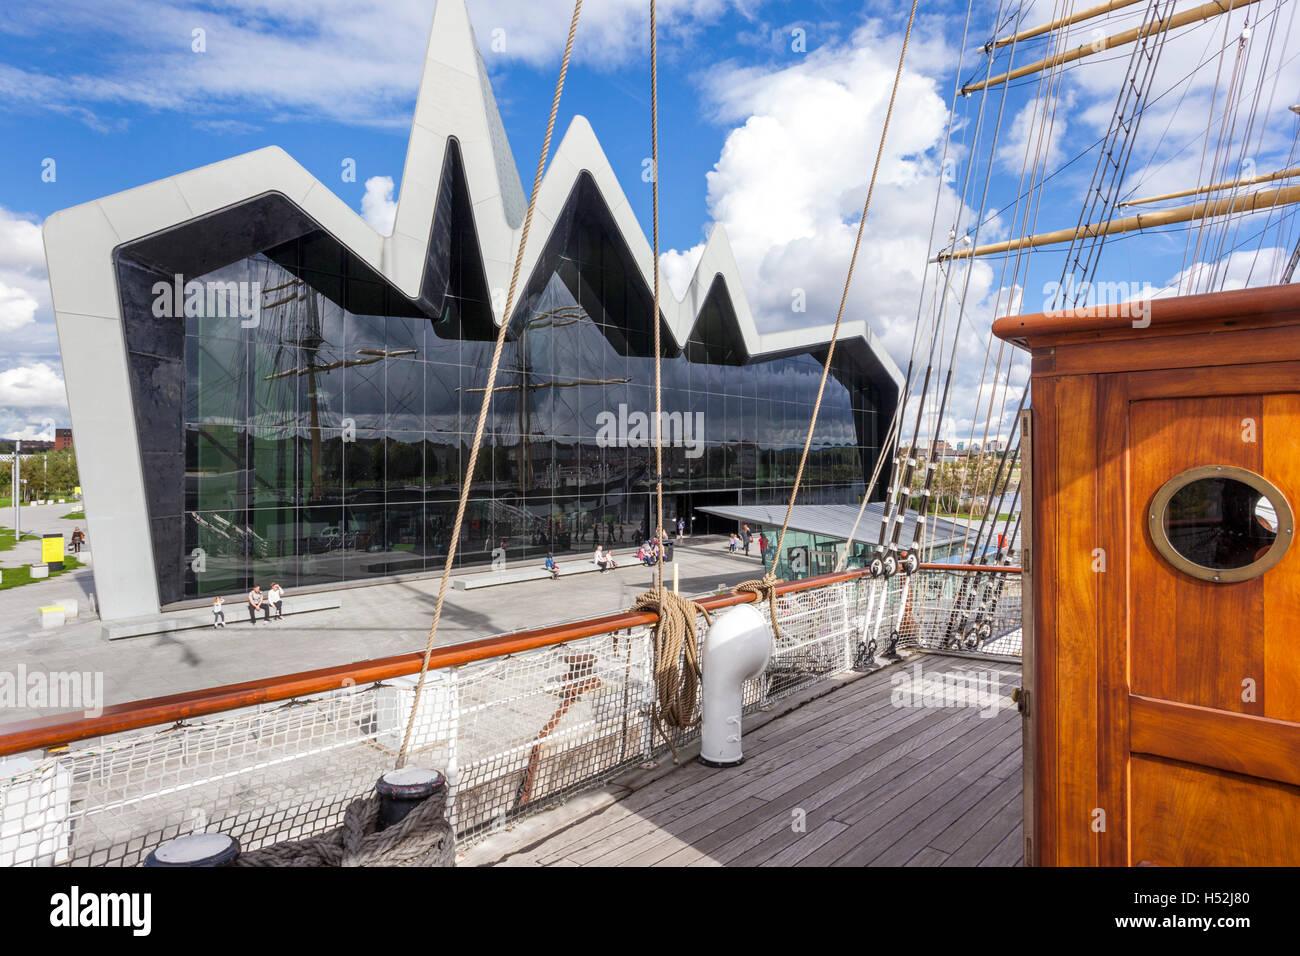 Le Riverside Museum of Transport et voyages à côté de la rivière Clyde à Glasgow, Écosse Photo Stock